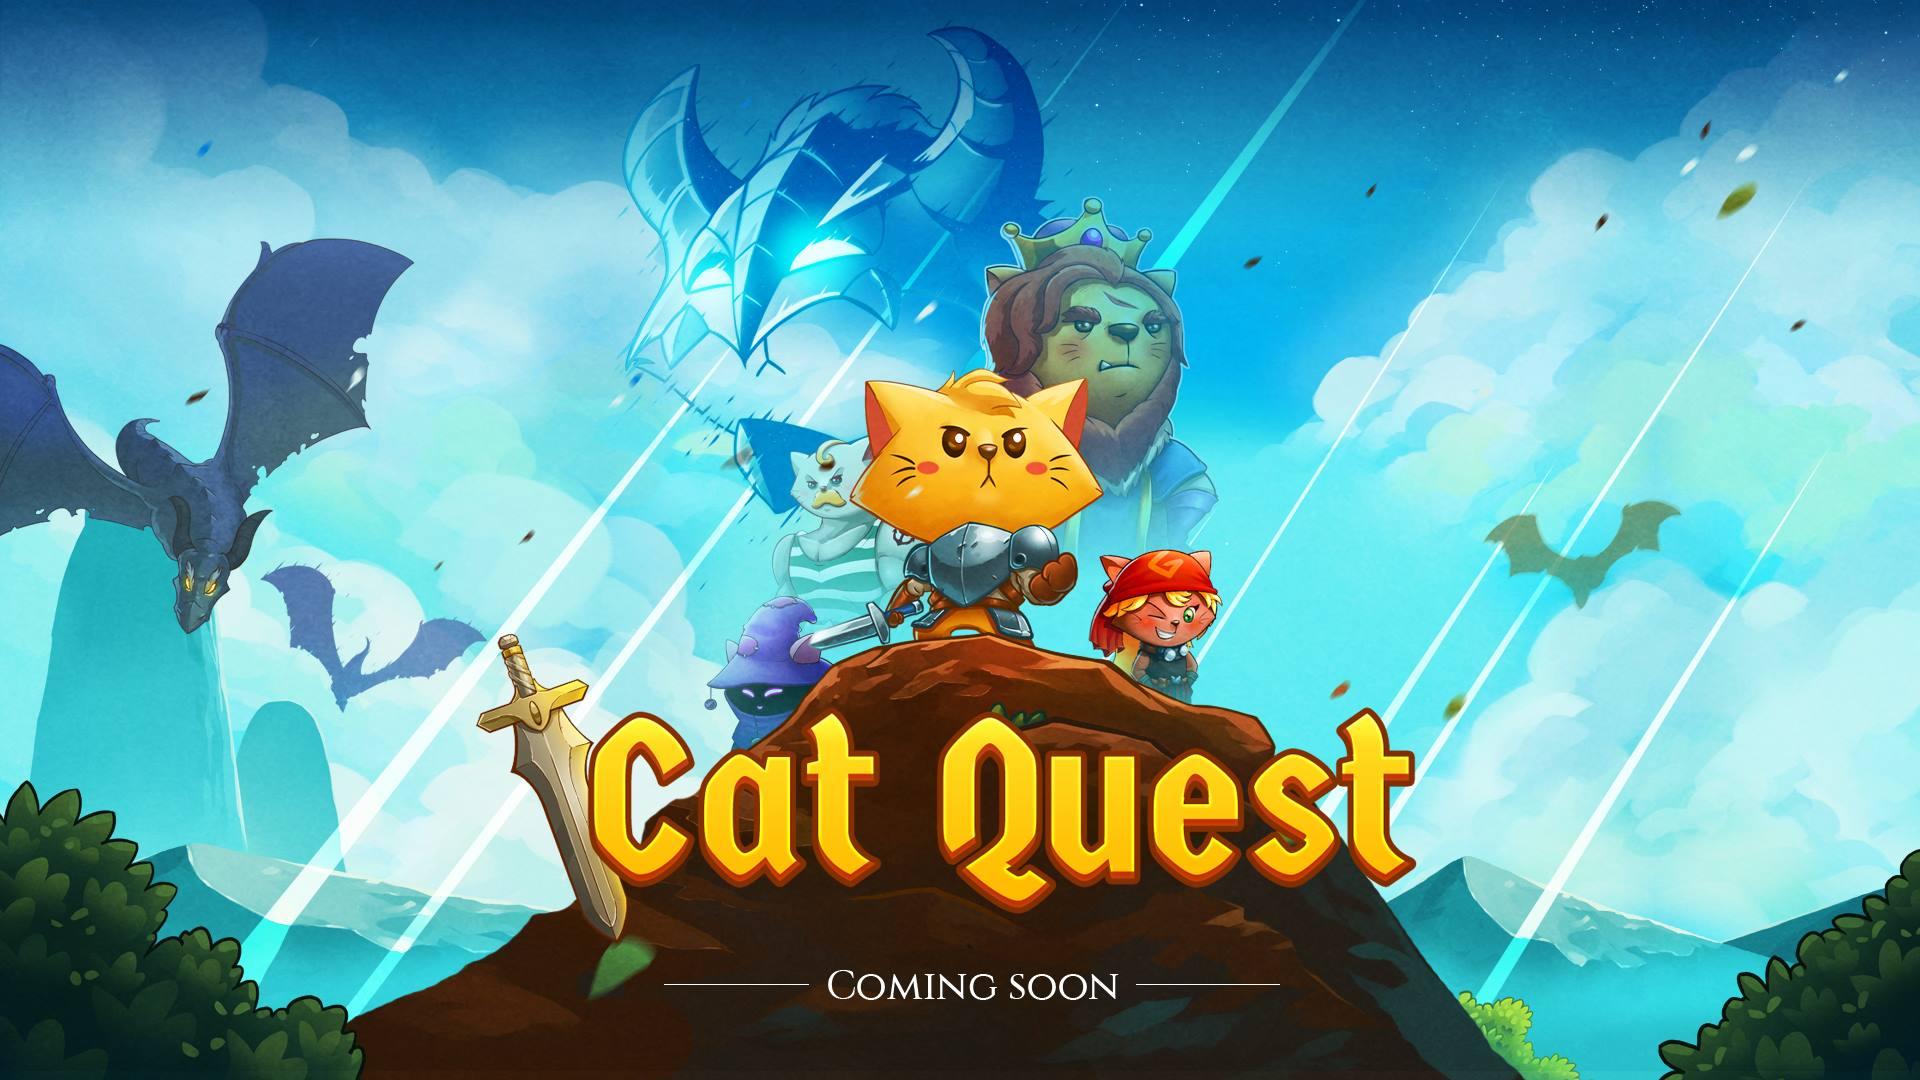 Cat Quest Pc Full Game